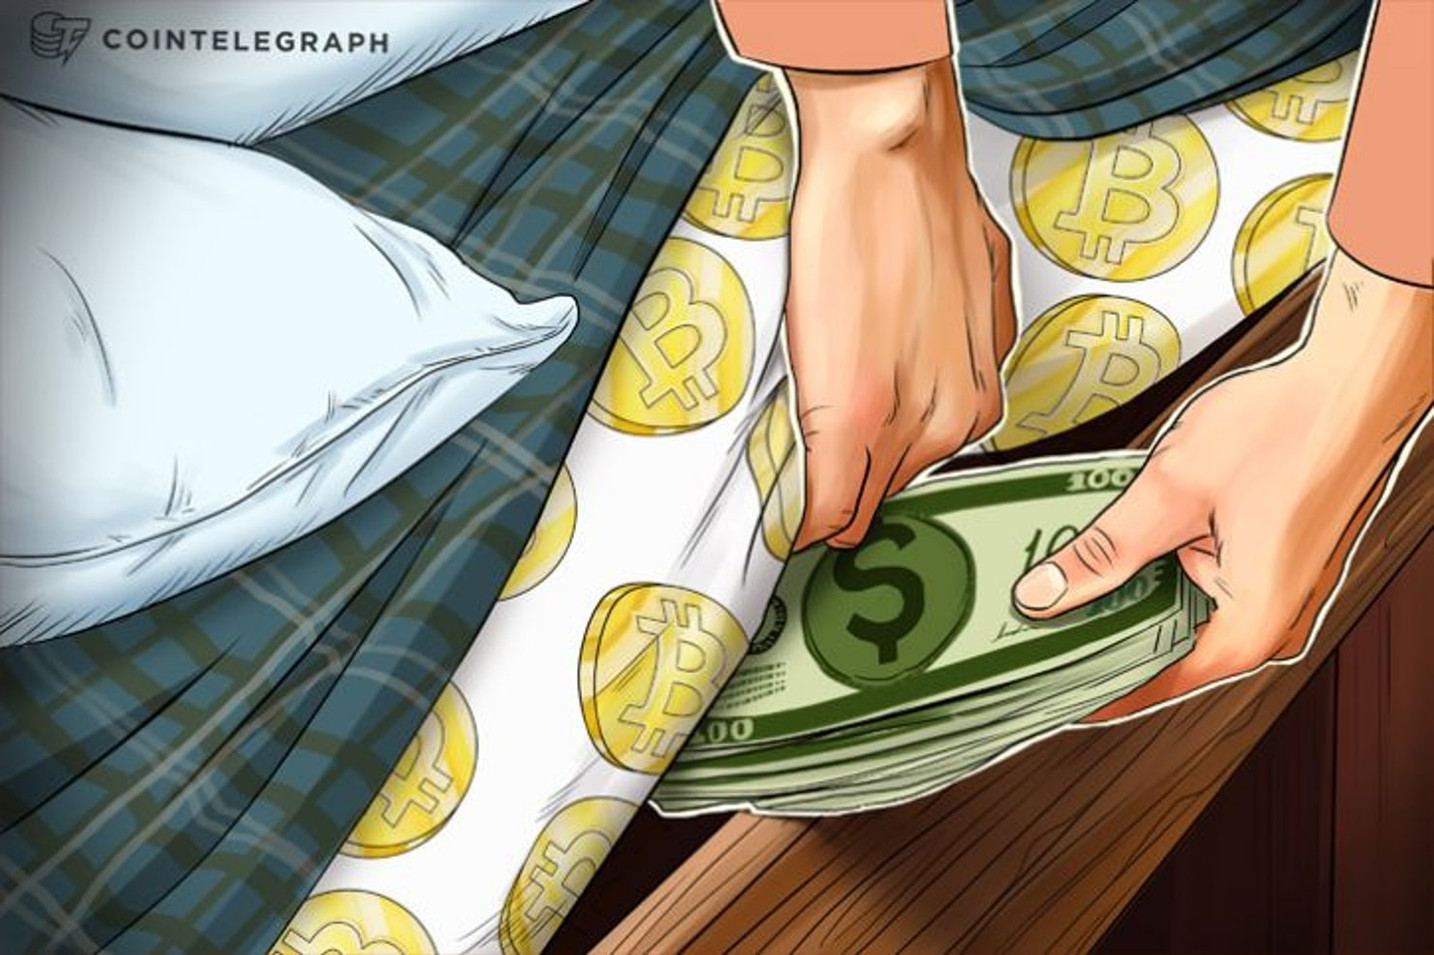 Bitcoin encabeza la salida de capital neto del mercado cripto con más de $100M en las últimas 12 horas